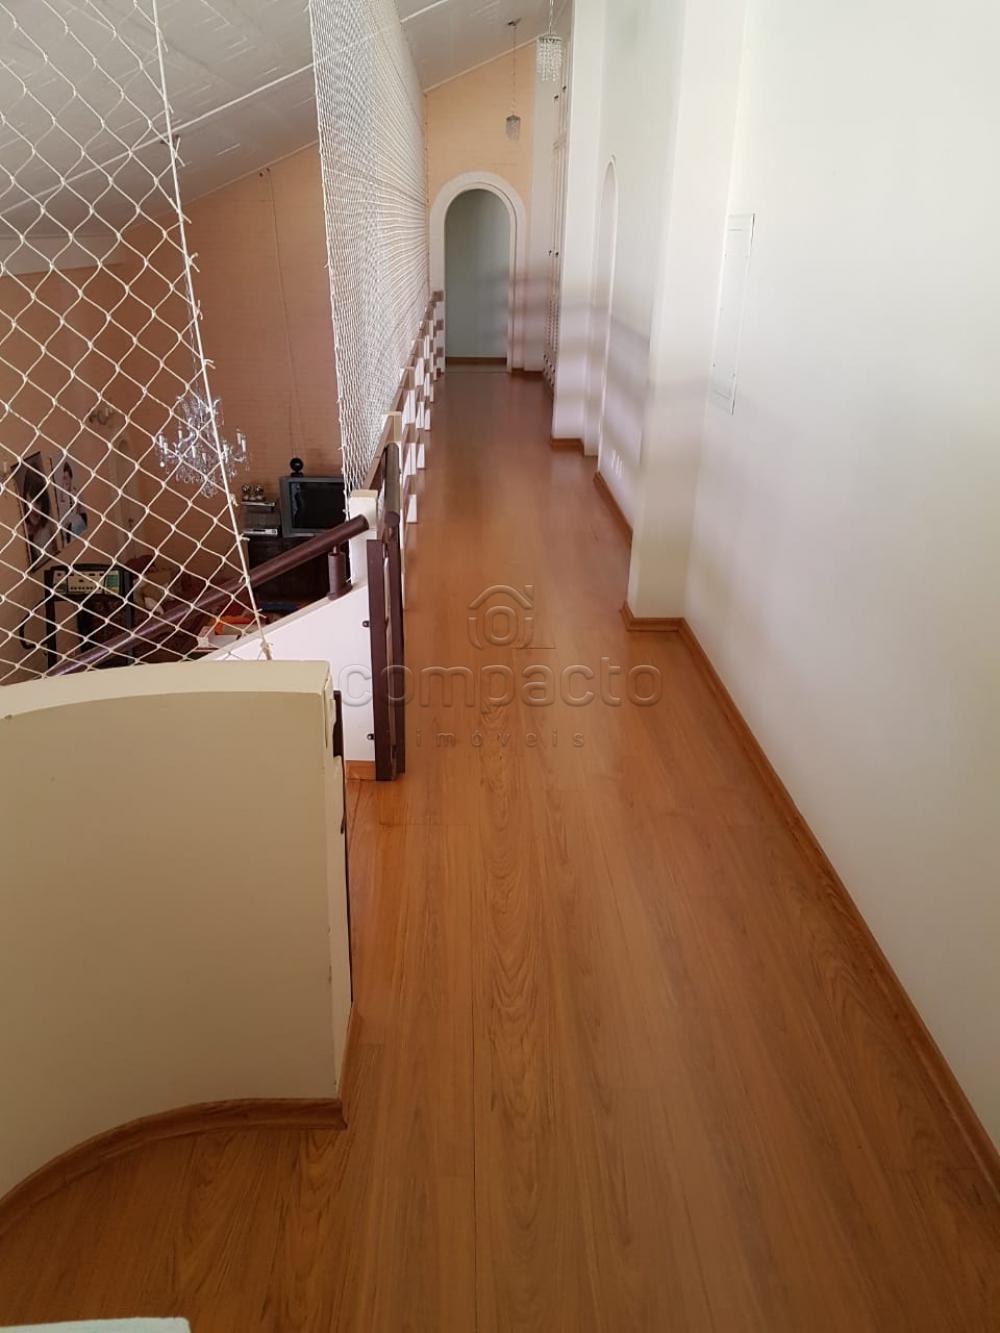 Alugar Casa / Padrão em São José do Rio Preto apenas R$ 10.000,00 - Foto 5